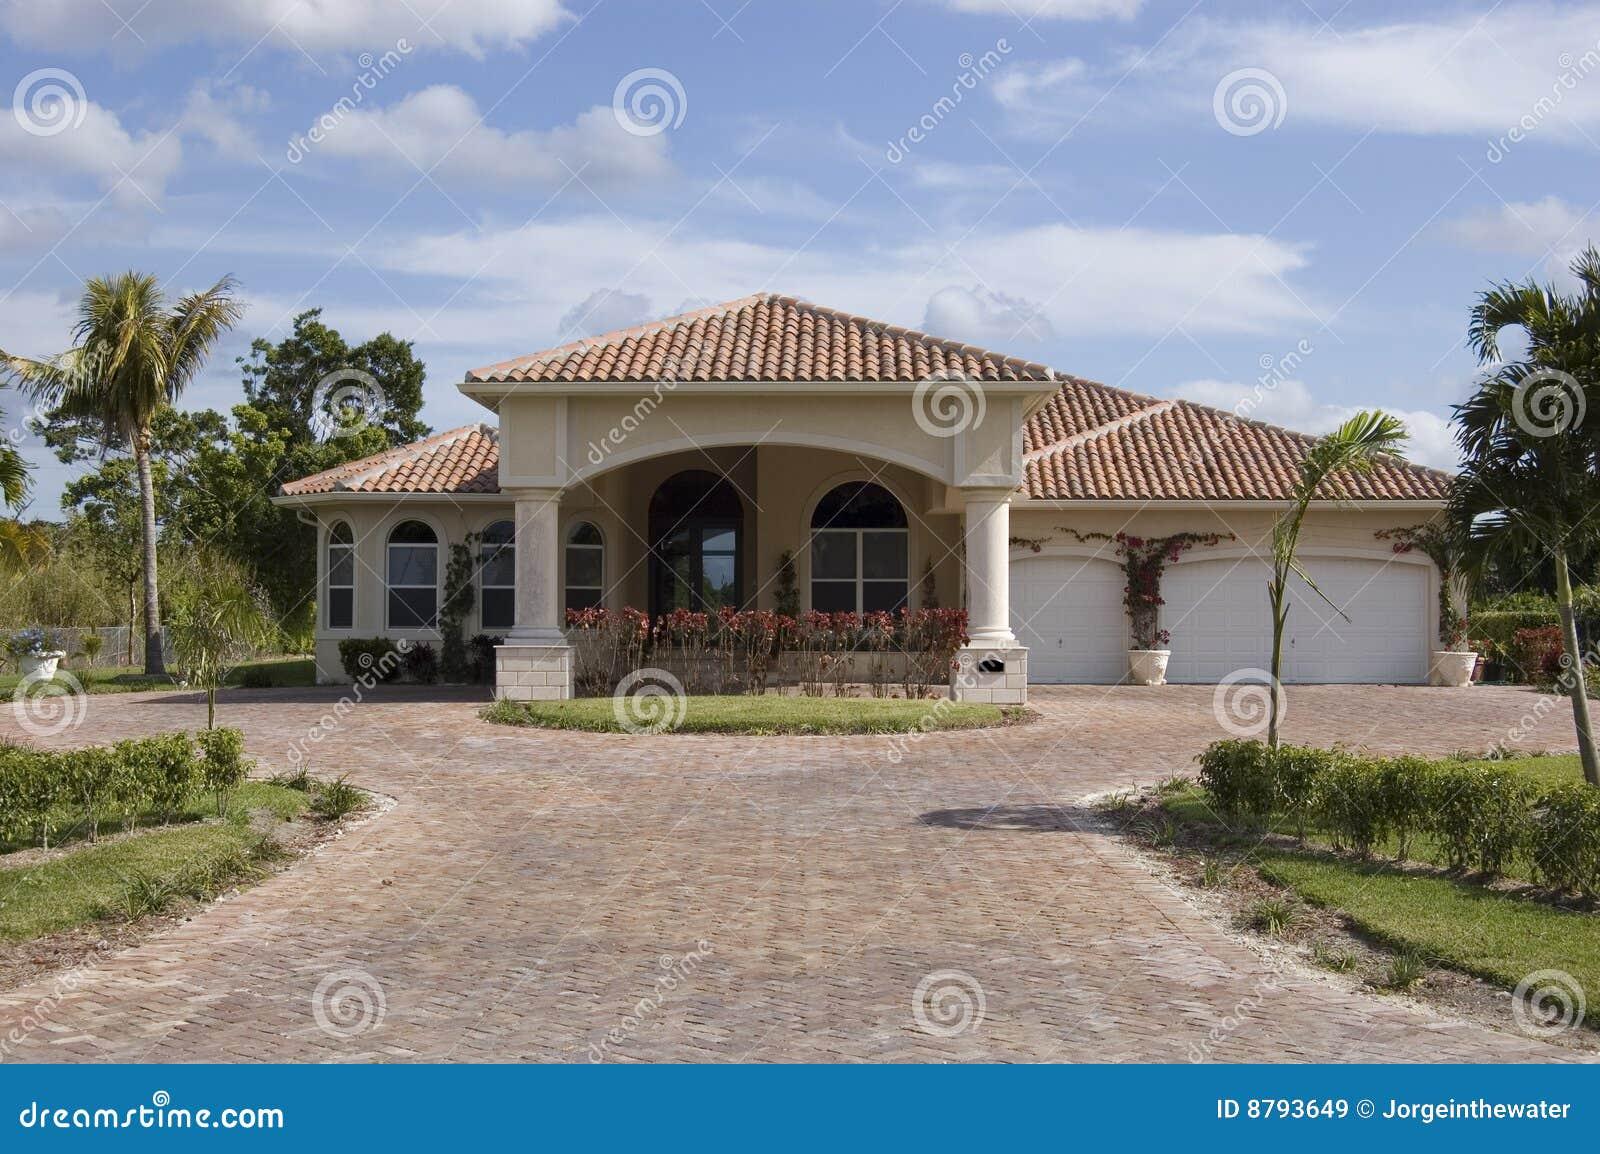 Casa mediterranea di stile immagine stock immagine di for Numeri di casa mediterranea